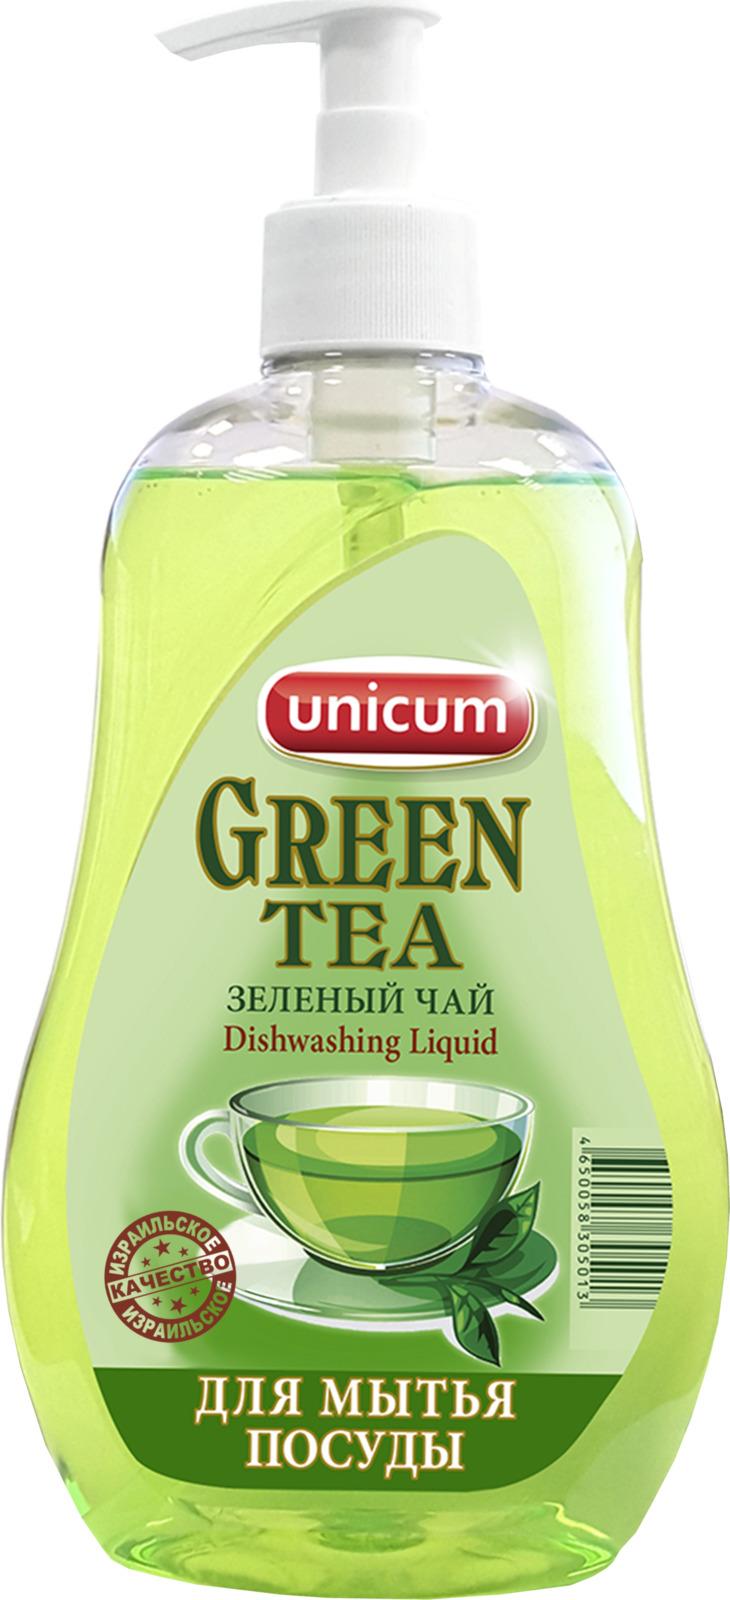 Средство для мытья посуды Unicum Зеленый чай, 550 мл бытовая химия unicum средство для мытья посуды бережная энергия 550 мл